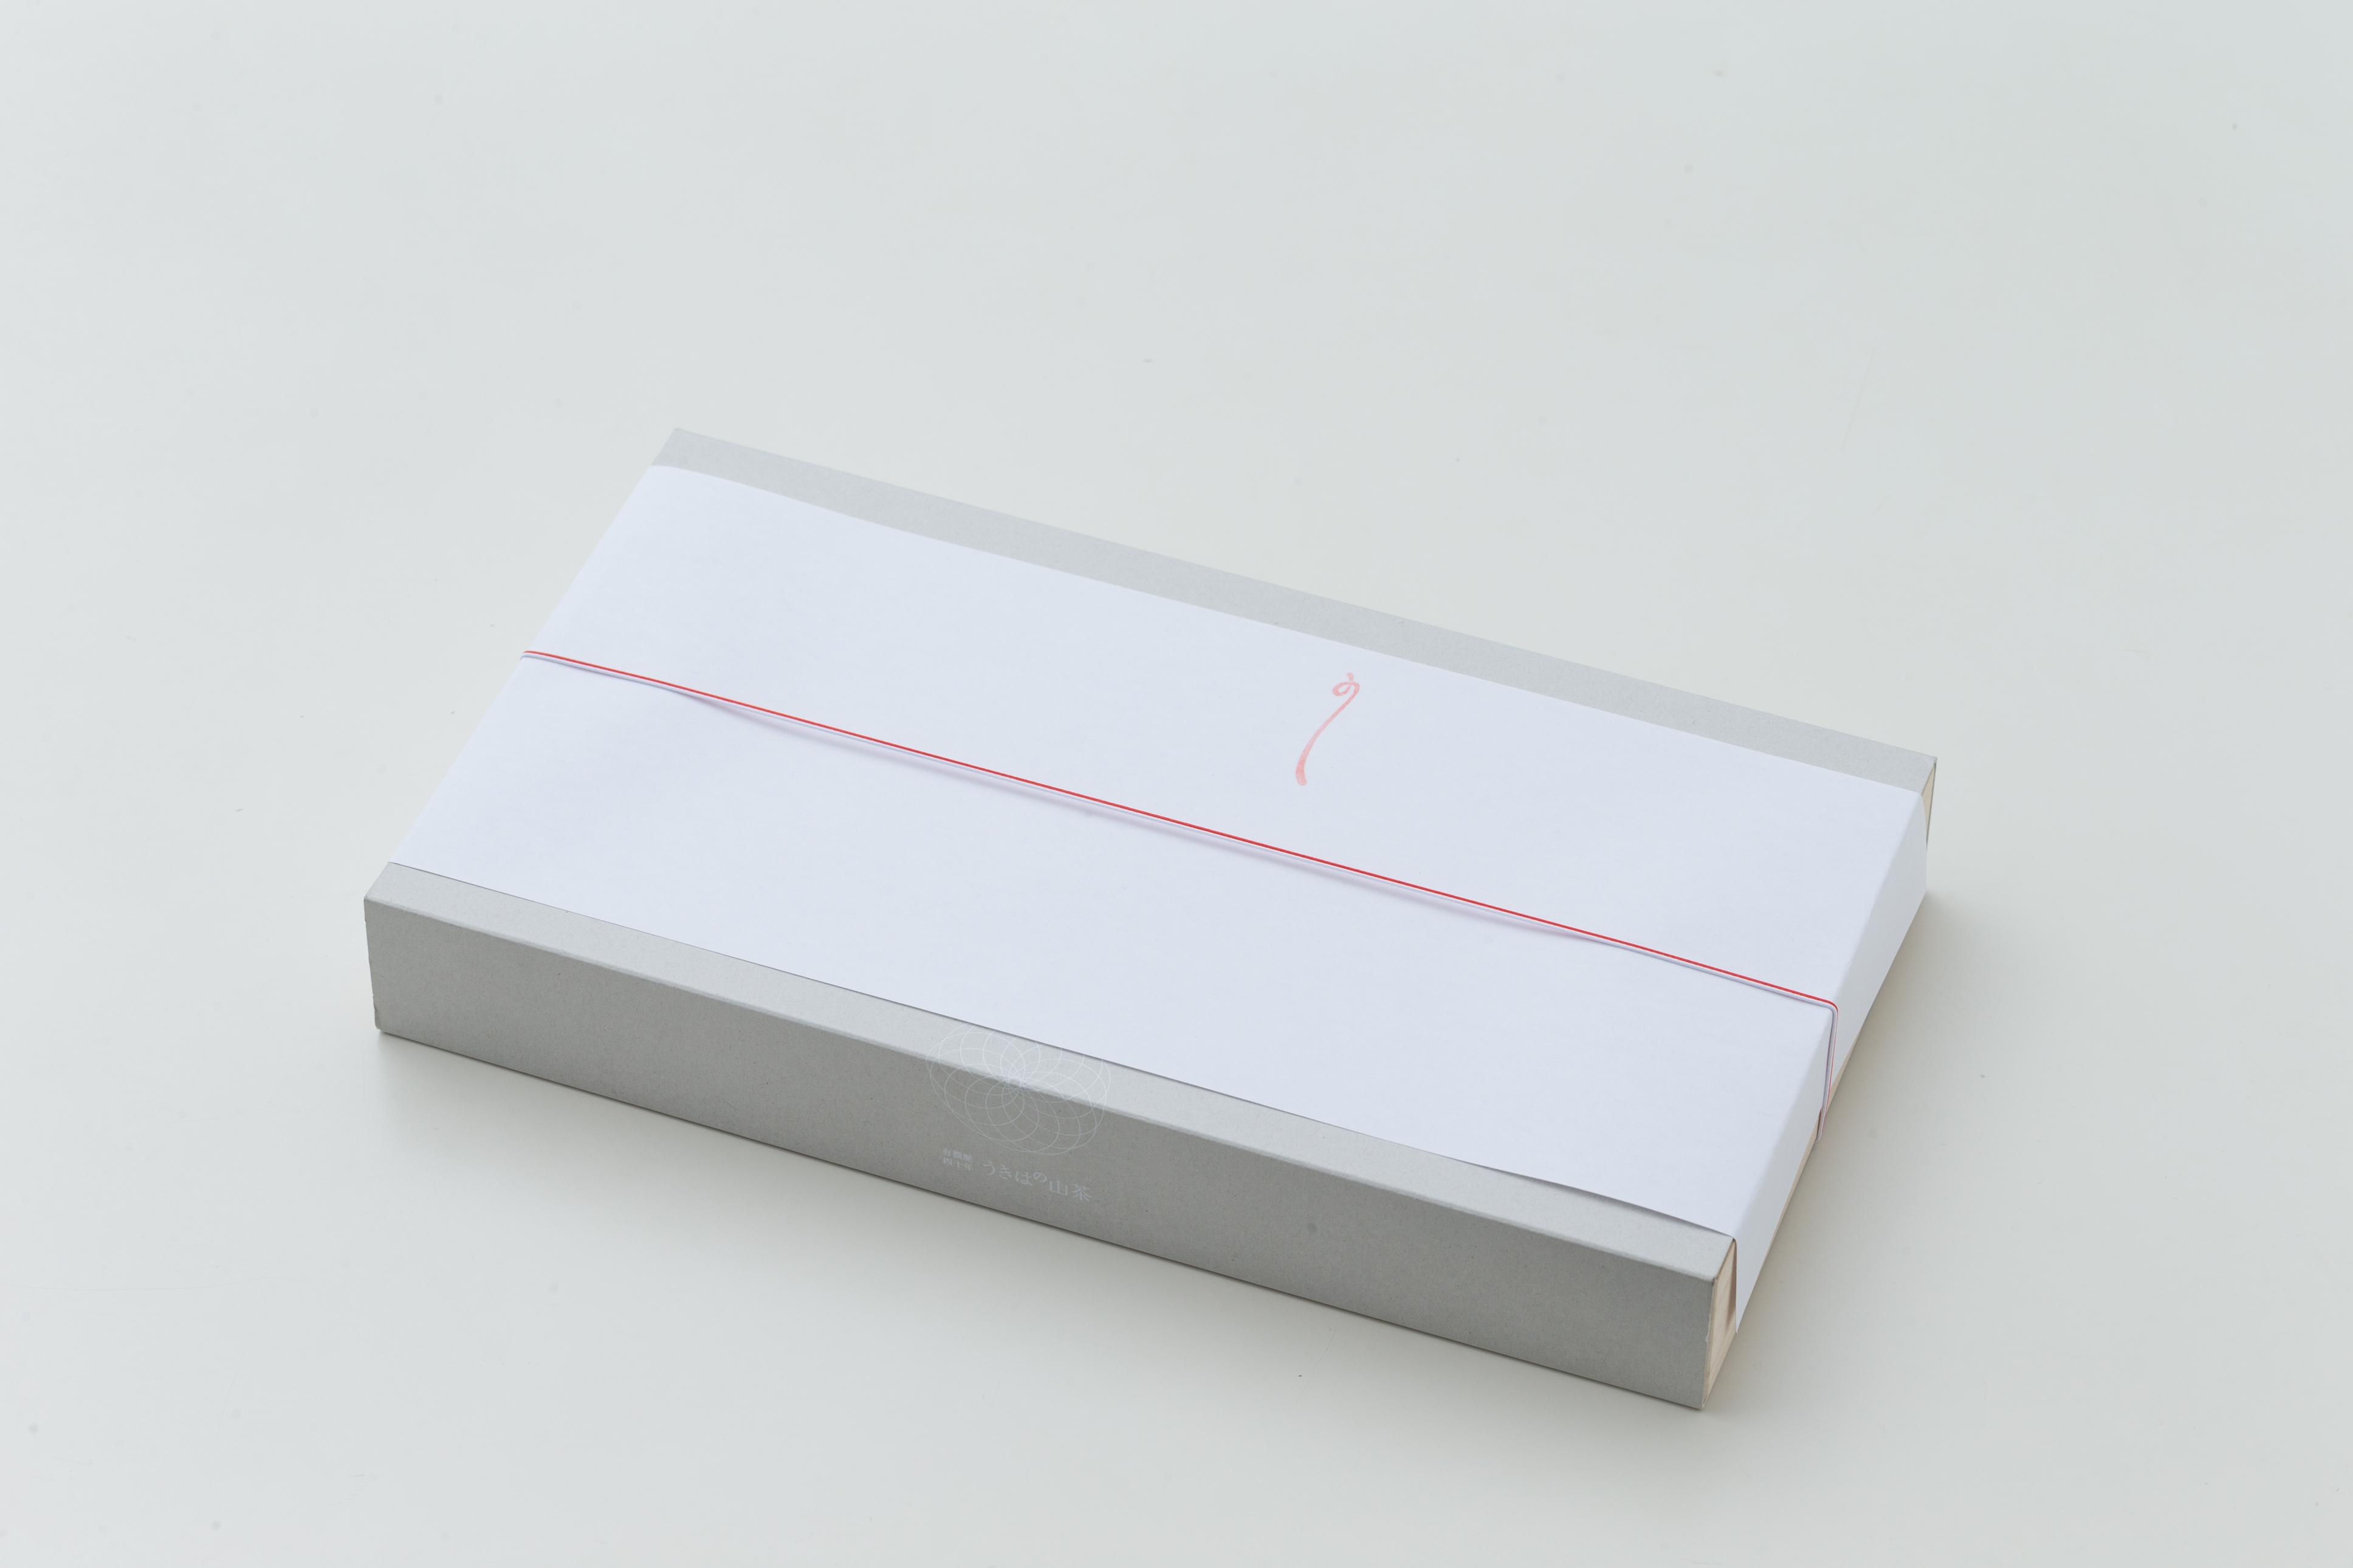 うきはの山茶 5本入 桐箱 GFT5-3 商品イメージ4